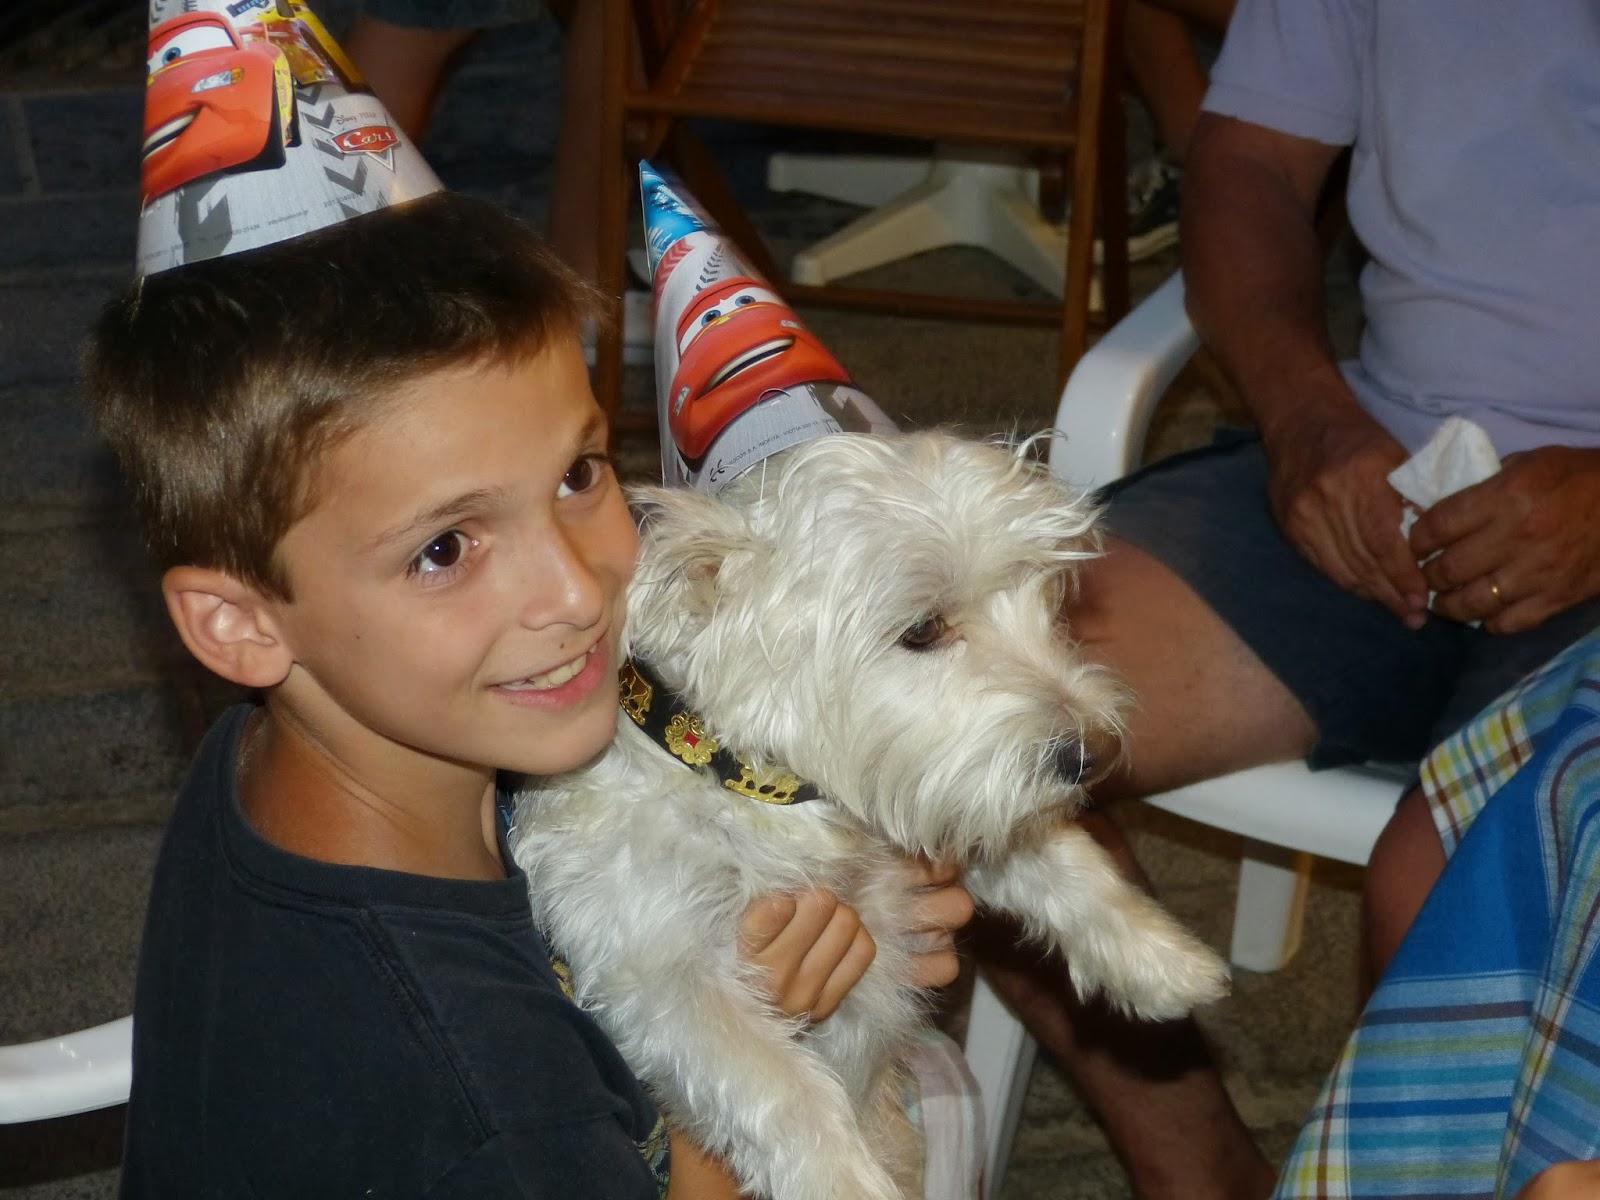 Απο τα γενέθλια του αδελφού του το καλοκαίρι στον καταρράκτη!!